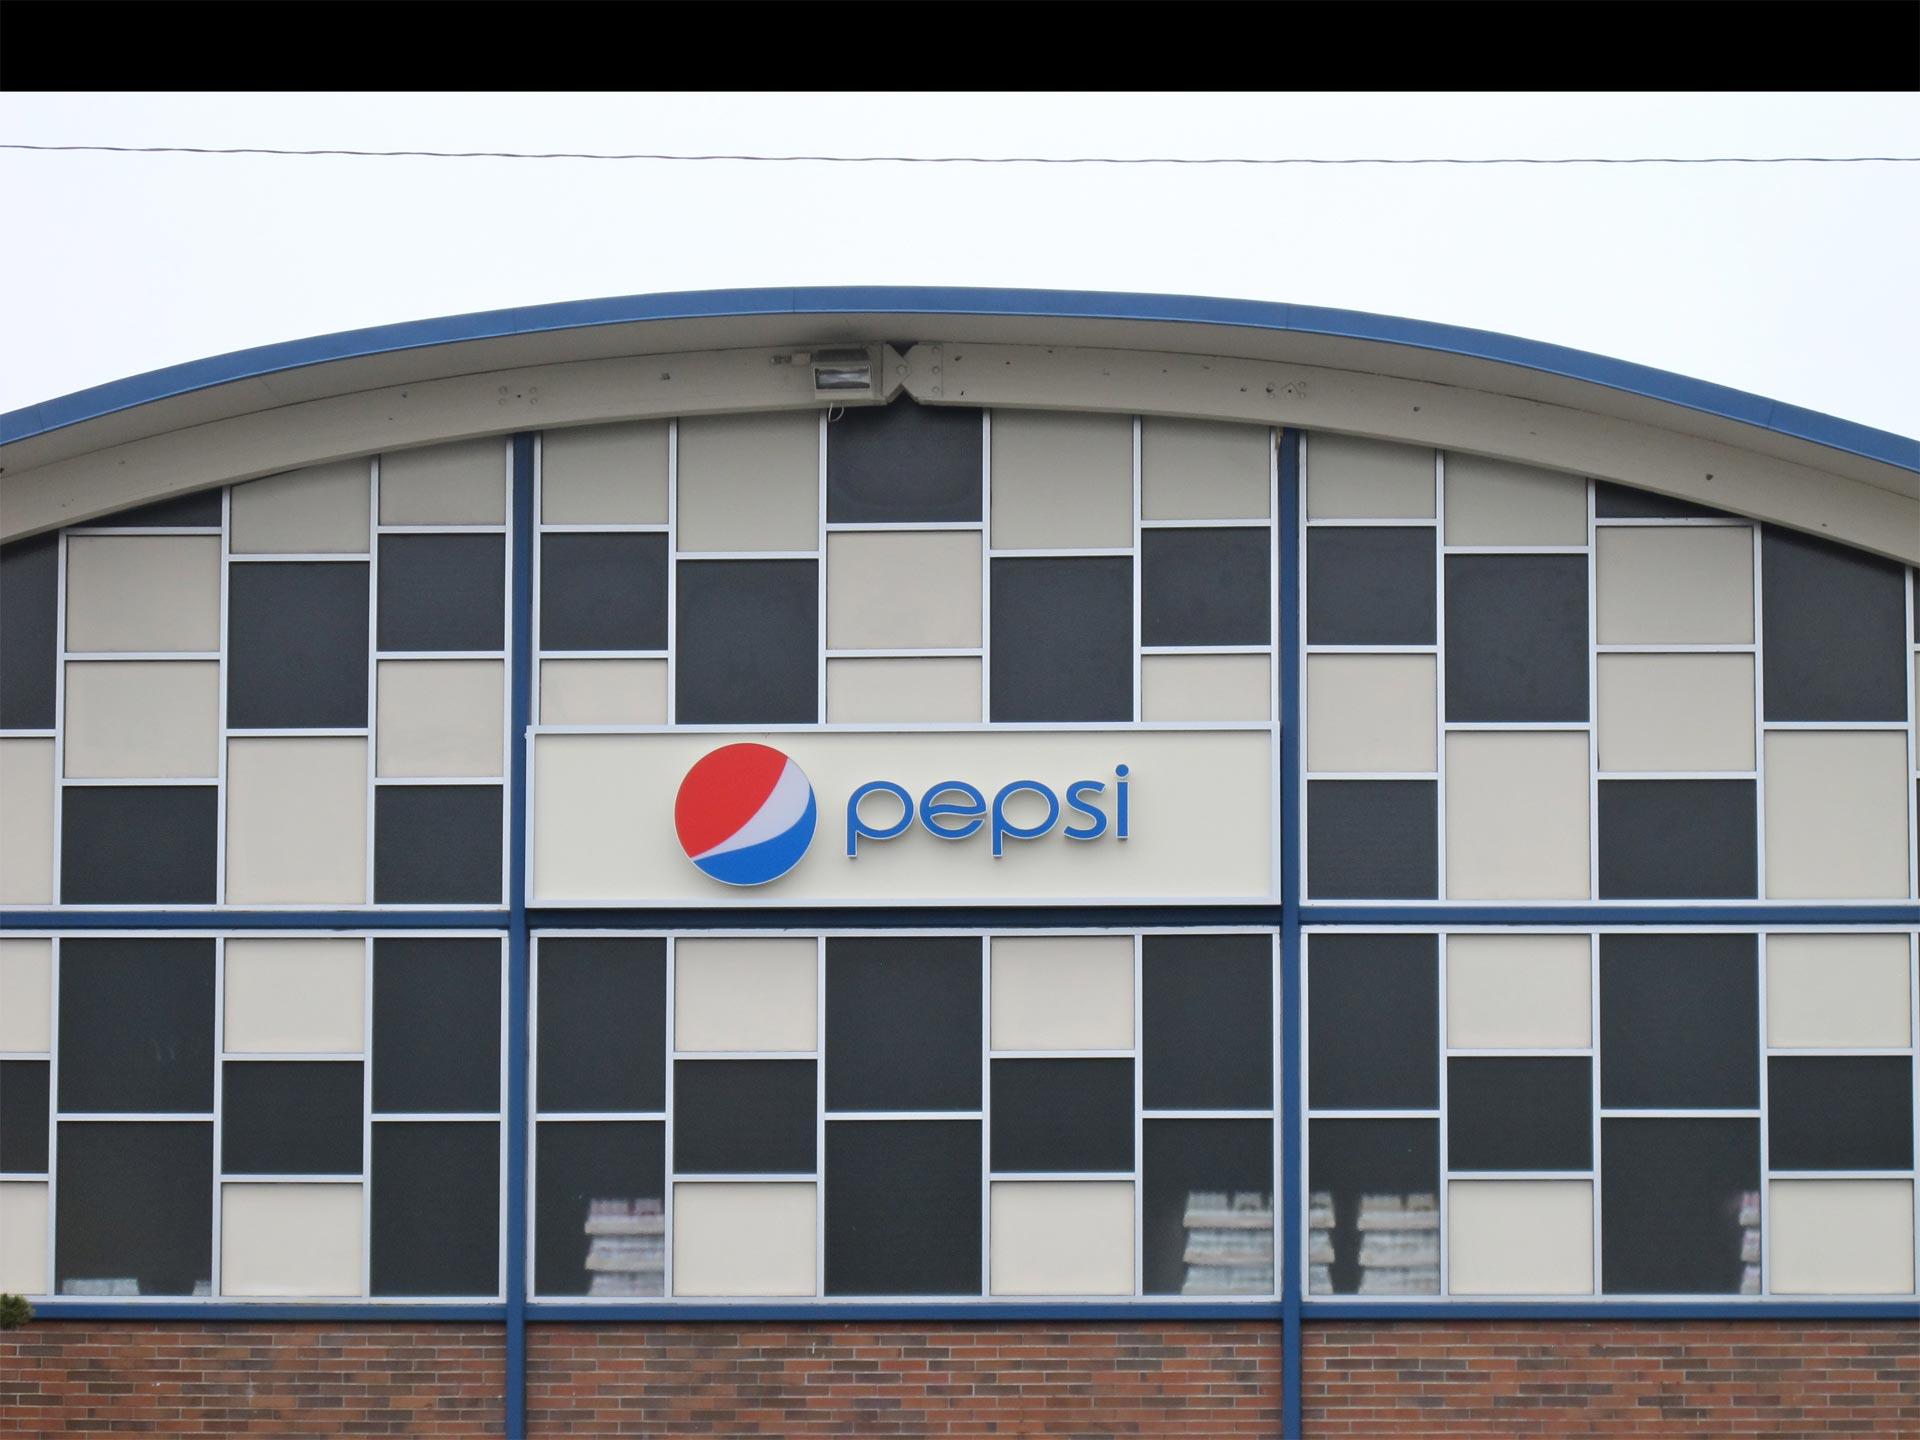 La empresa logró ingresos netos de 18,59 mil millones de dólares